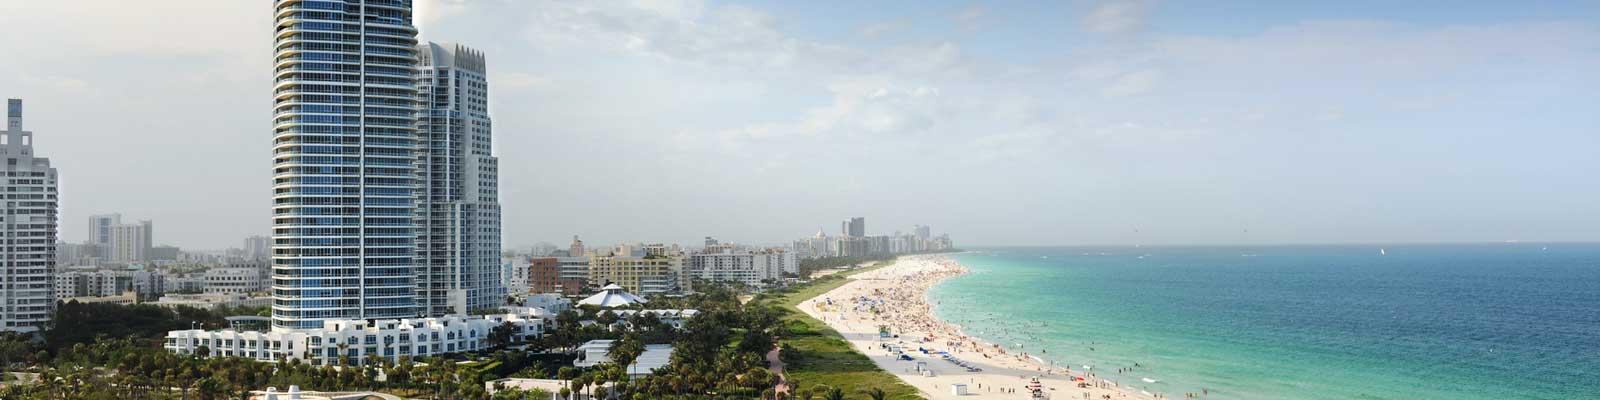 EUA Imoveis Frente ao Mar Apartamentos, feriados, Luxo.